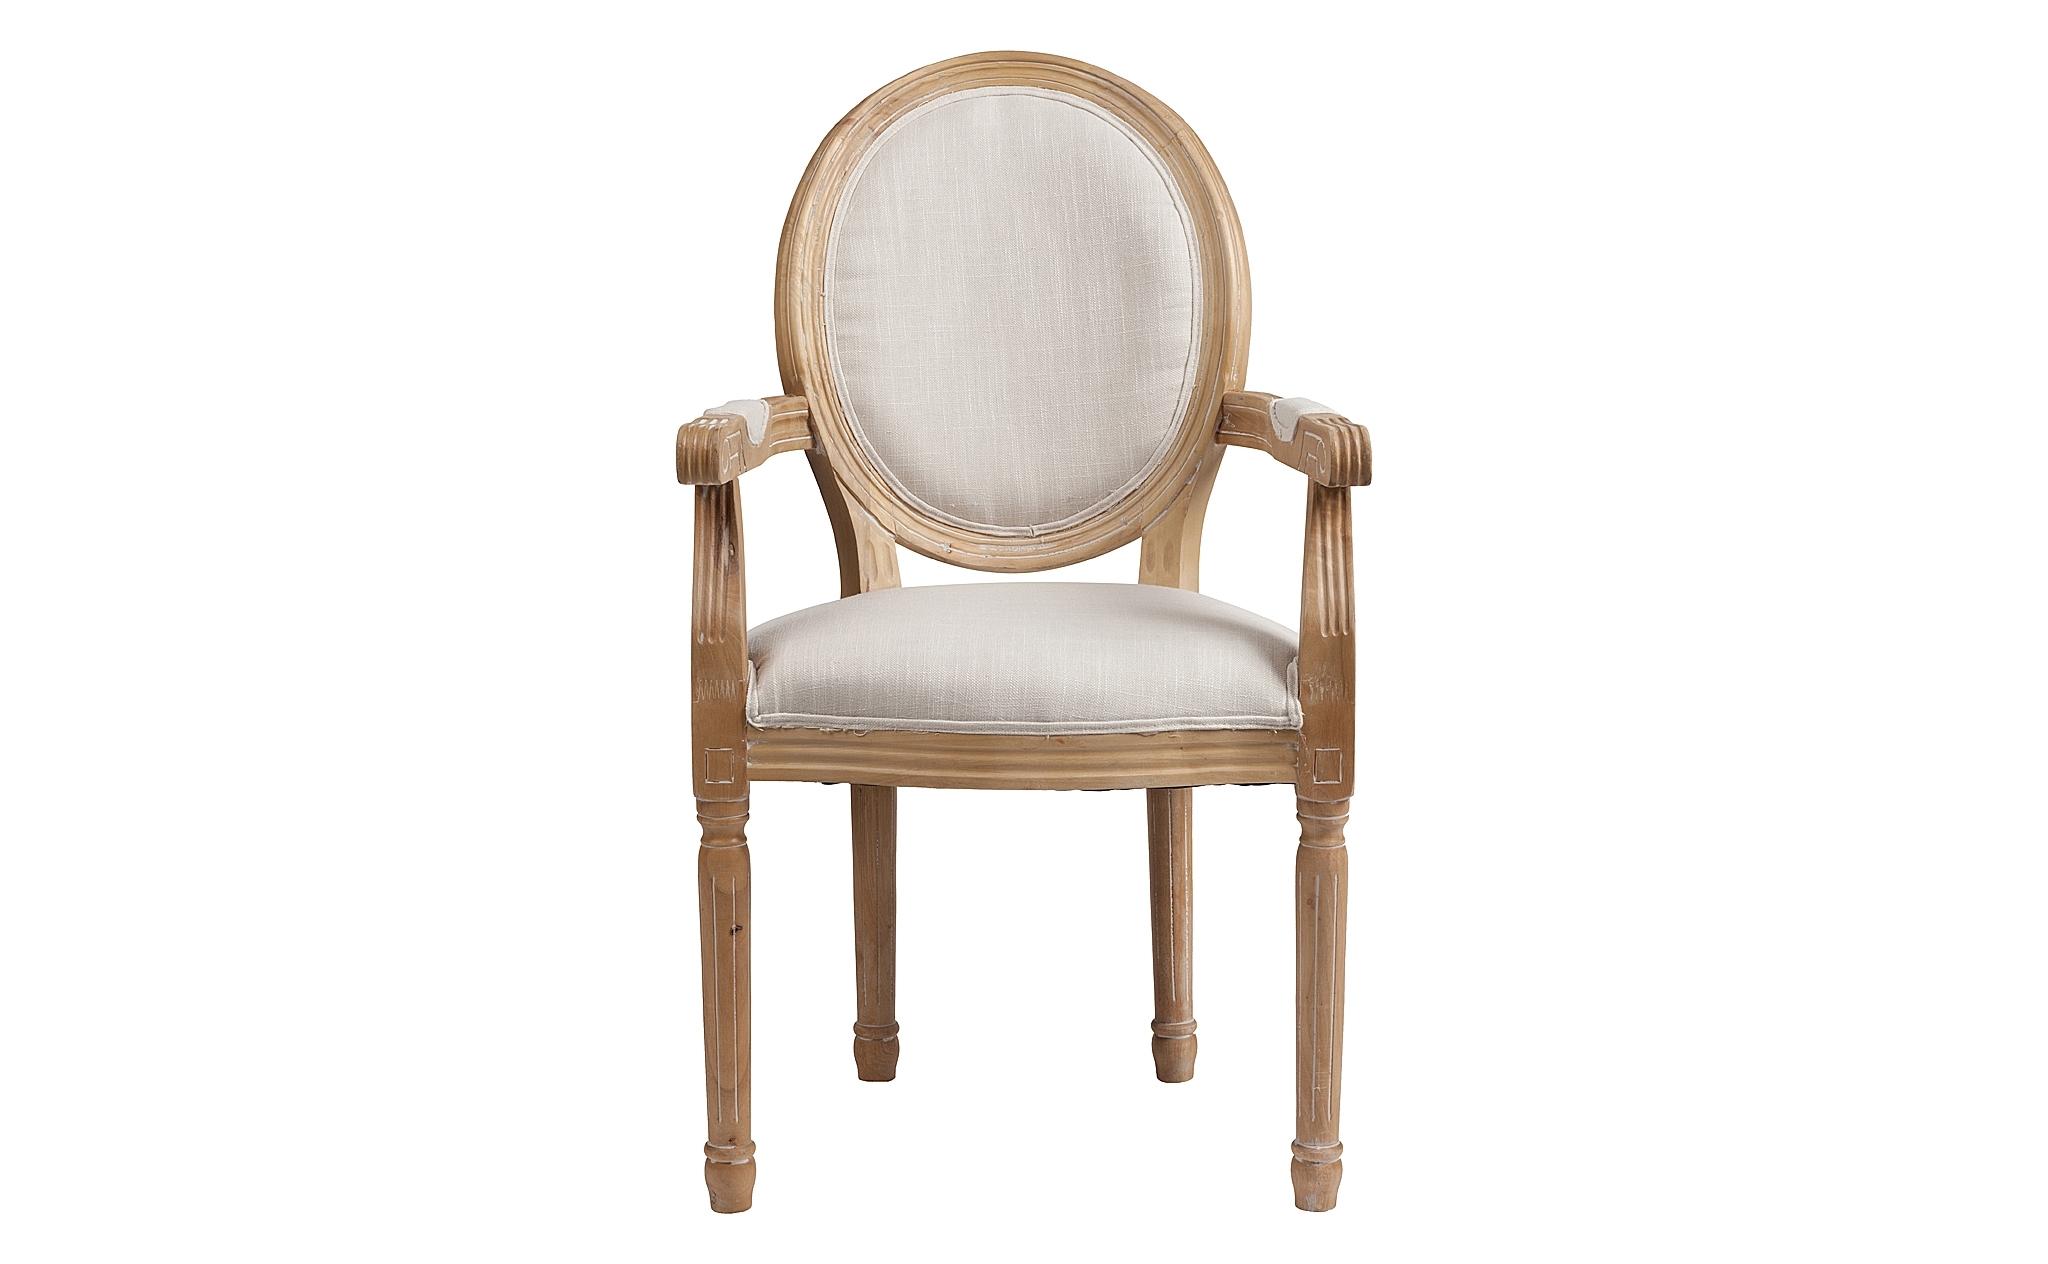 Кресло PollinaСтулья с подлокотниками<br>Медальонное кресло, также известное как Луи XVI, являлось неотъемлемой частью интерьеров эпохи правления Людовика XVI. Именно он ввел в моду его простые и строгие формы, прекрасные в своей гармоничной утонченности. Изготовленные в натуральном буке, они обретают еще больше благородства классического стиля. Обивка из белоснежного текстиля добавляют романтизм прекрасному образу, идеальному для традиционного французского оформления.<br><br>Material: Хлопок<br>Ширина см: 60<br>Высота см: 96